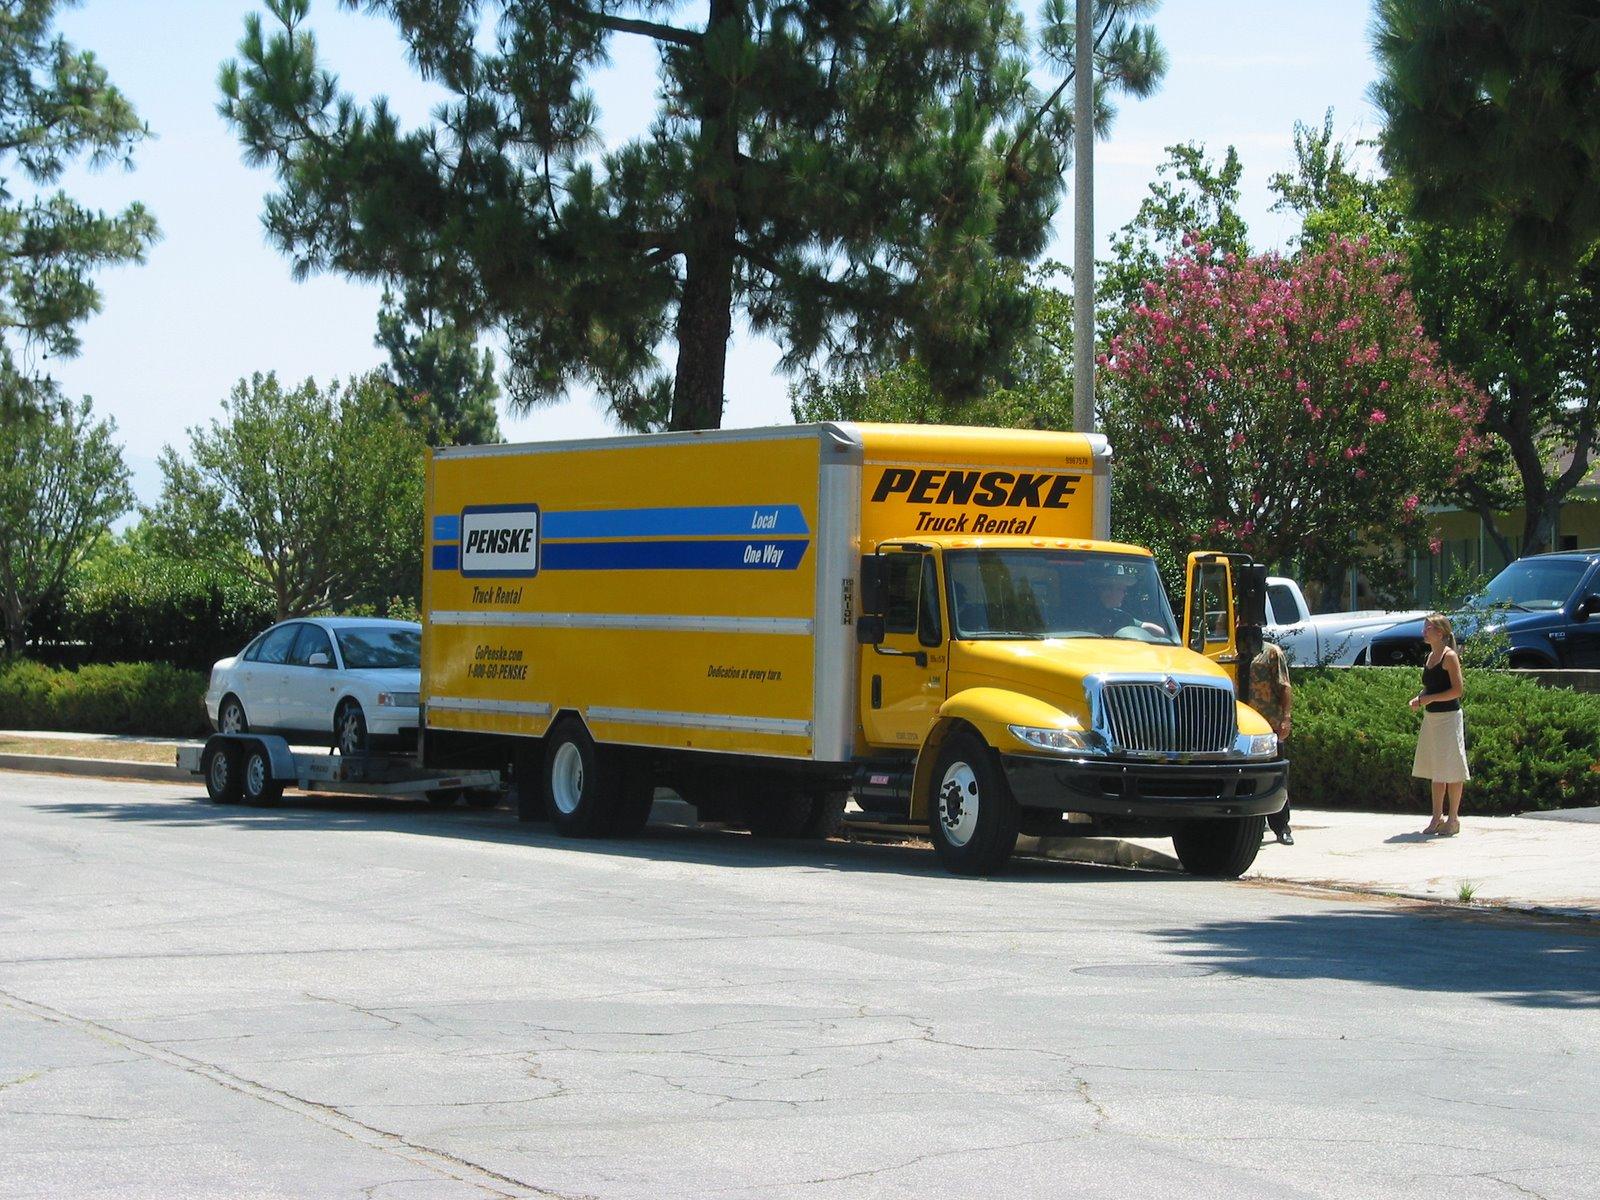 [Penske+Moving+Truck+072007.jpg]